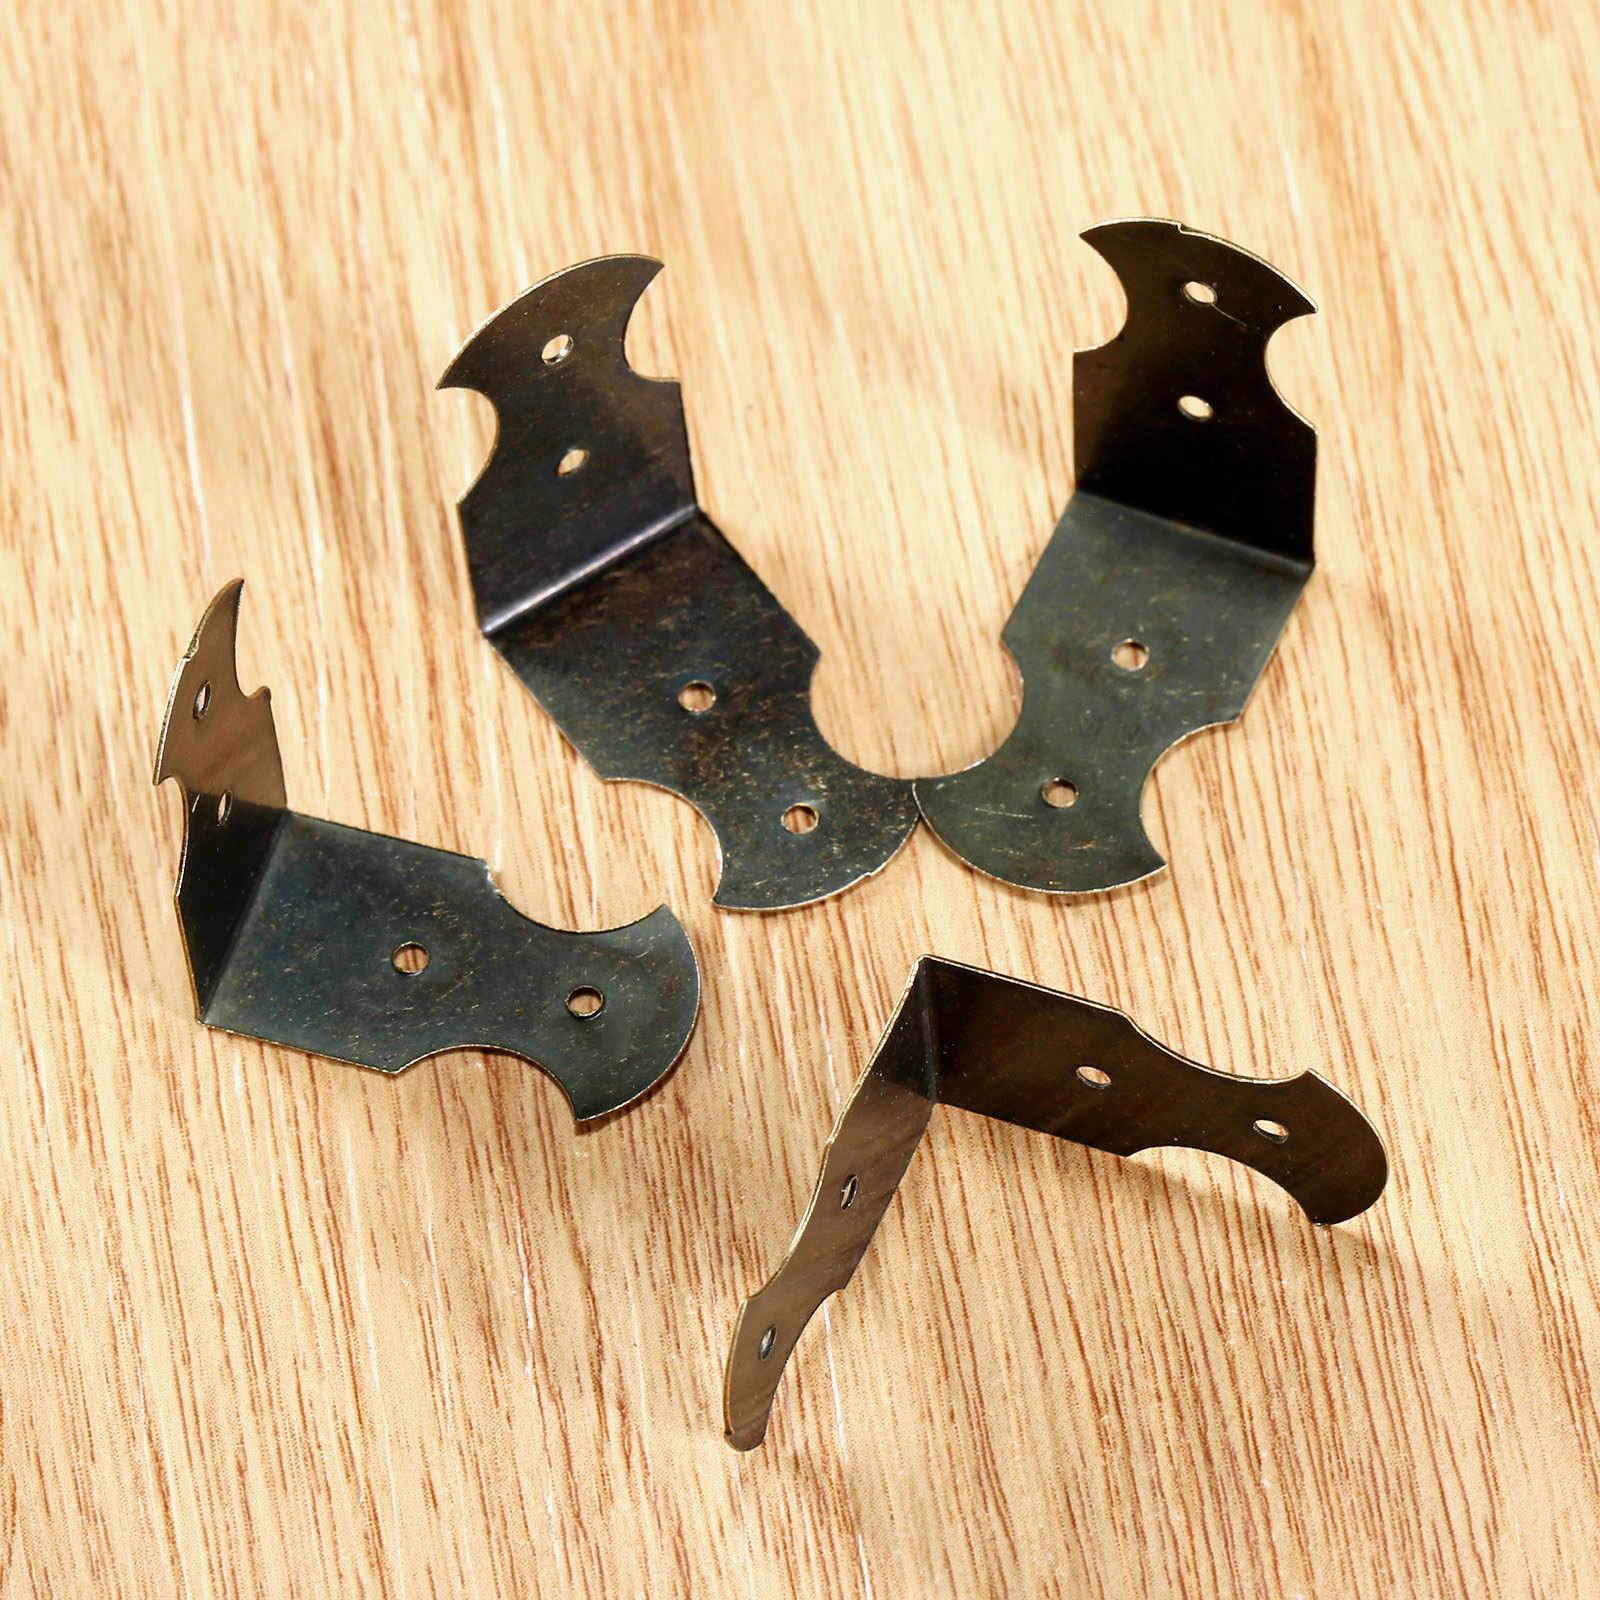 4 шт. антикварных бронзовых морских звезд, угол декоративные защитные Ювелирная Подарочная коробка деревянная декоративная наволочка для ноги Угловые протекторы для мебели